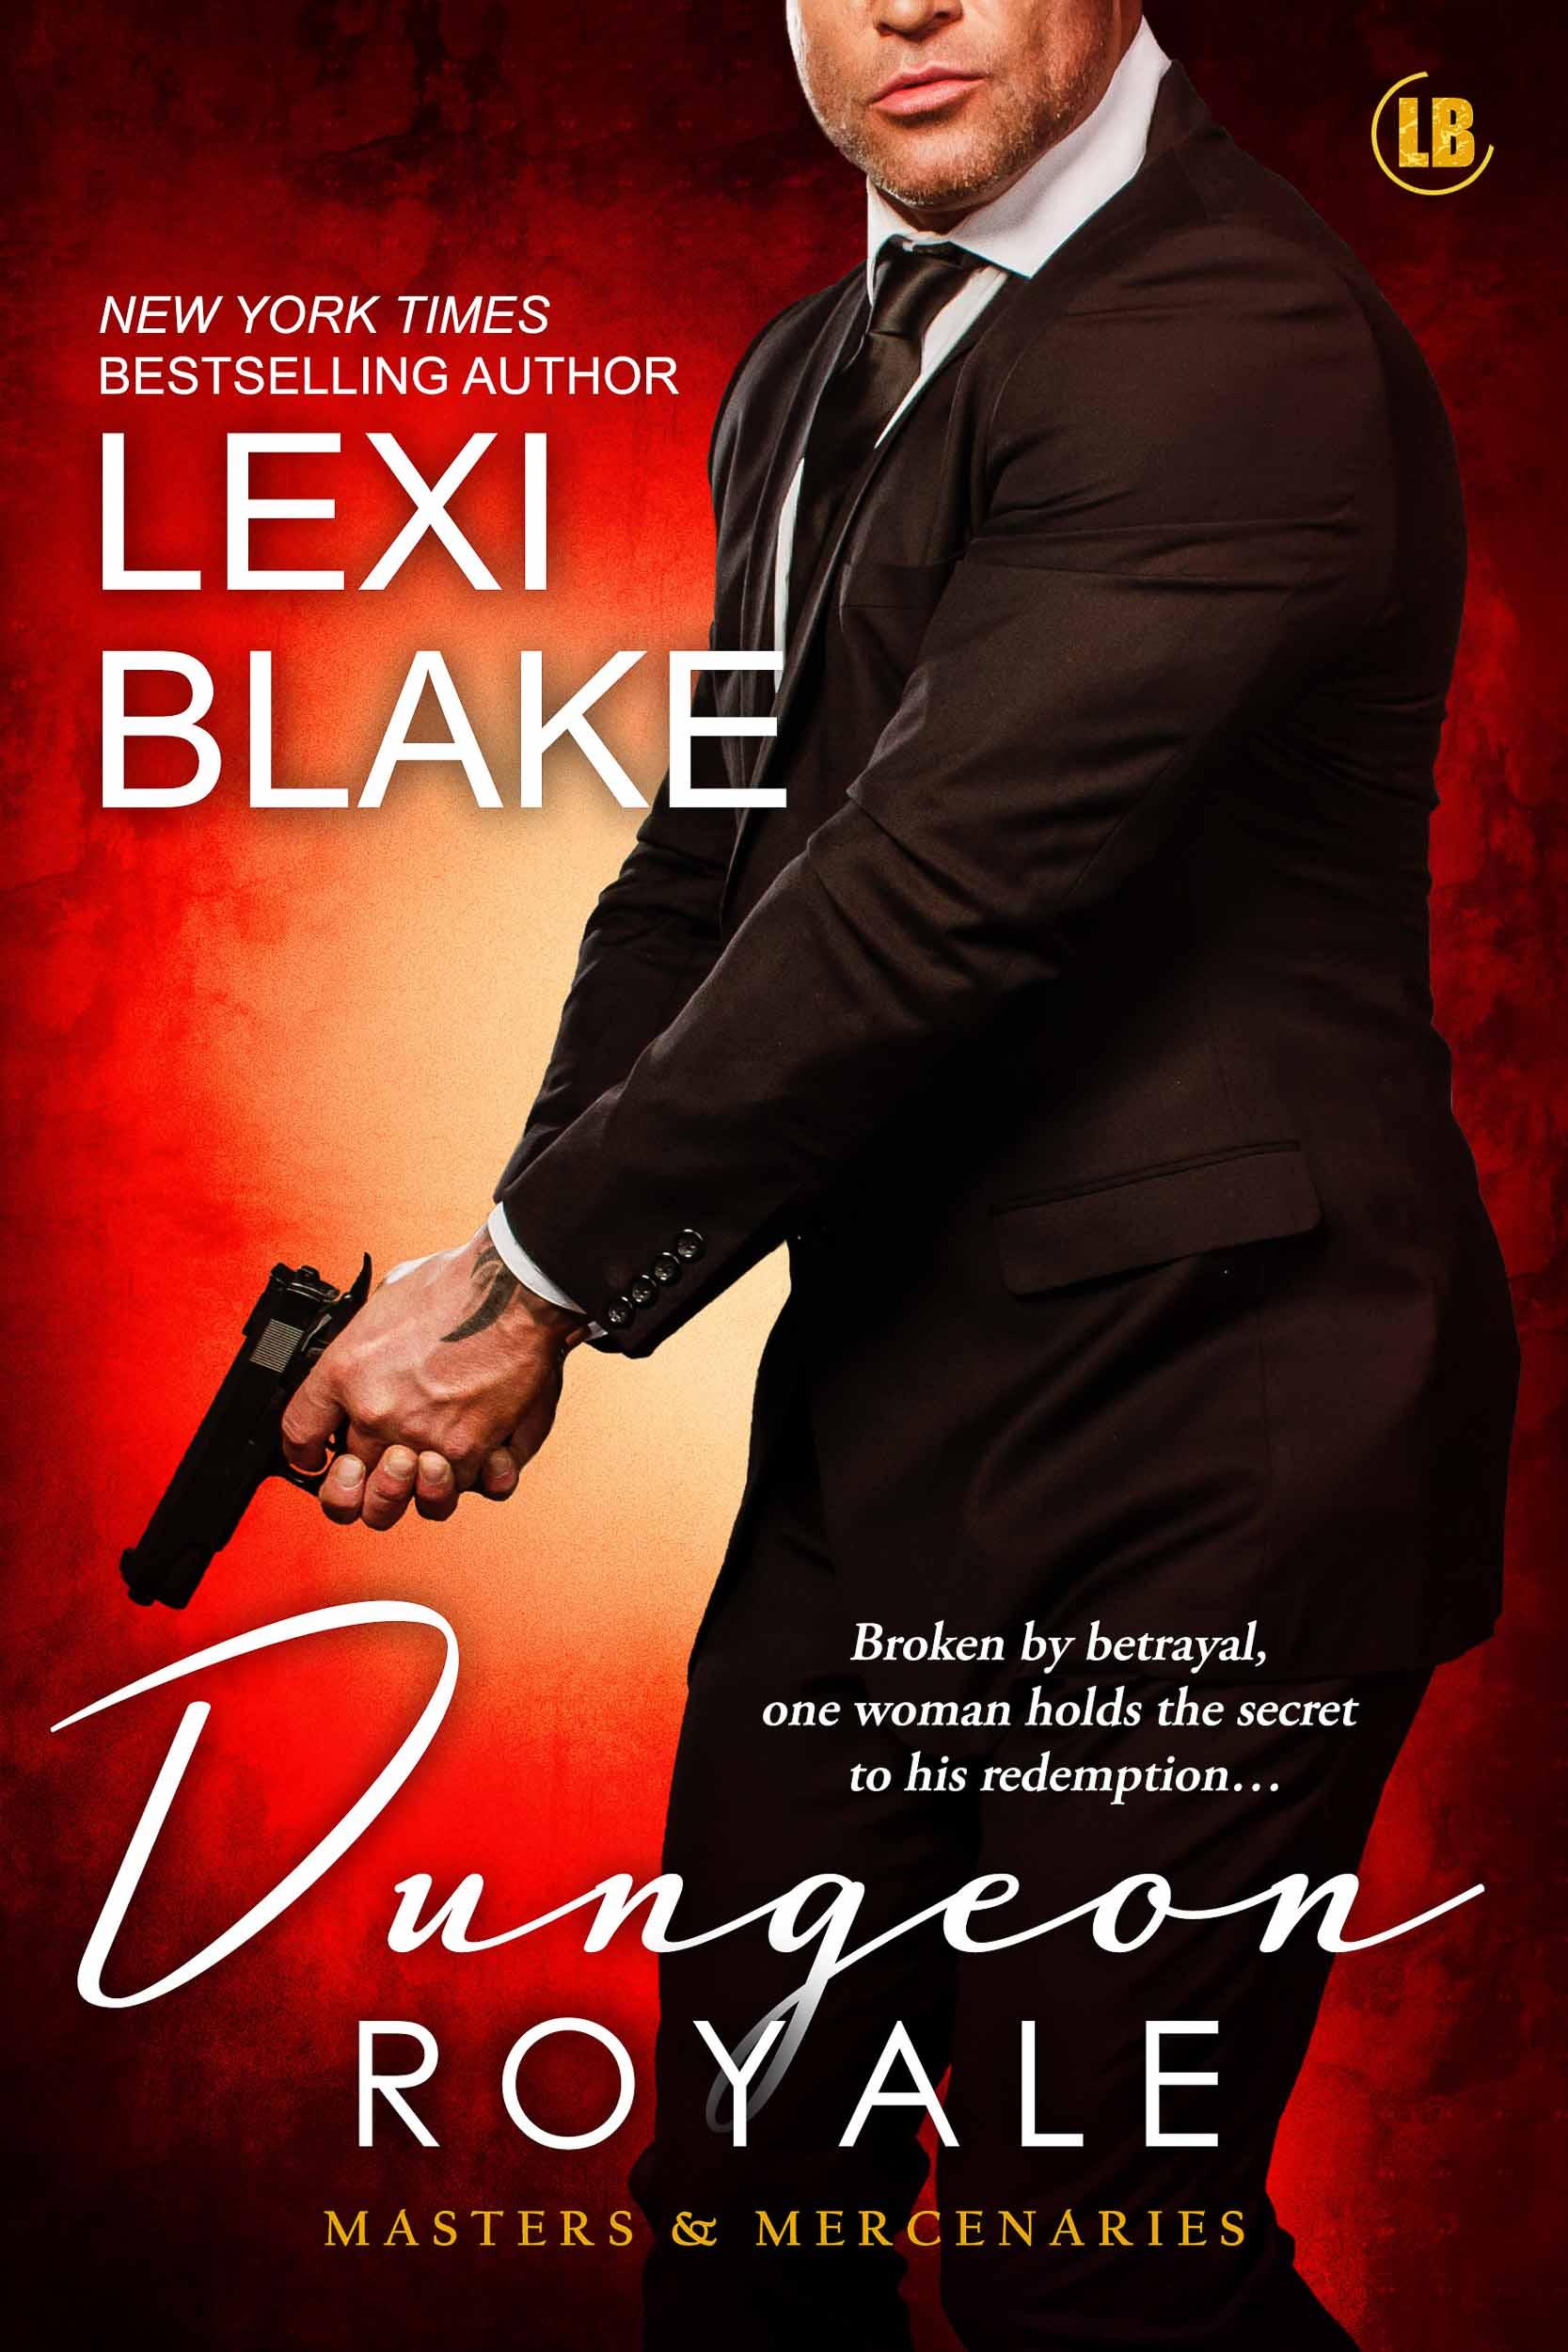 Lexi Blake Dungeon Royale.jpg